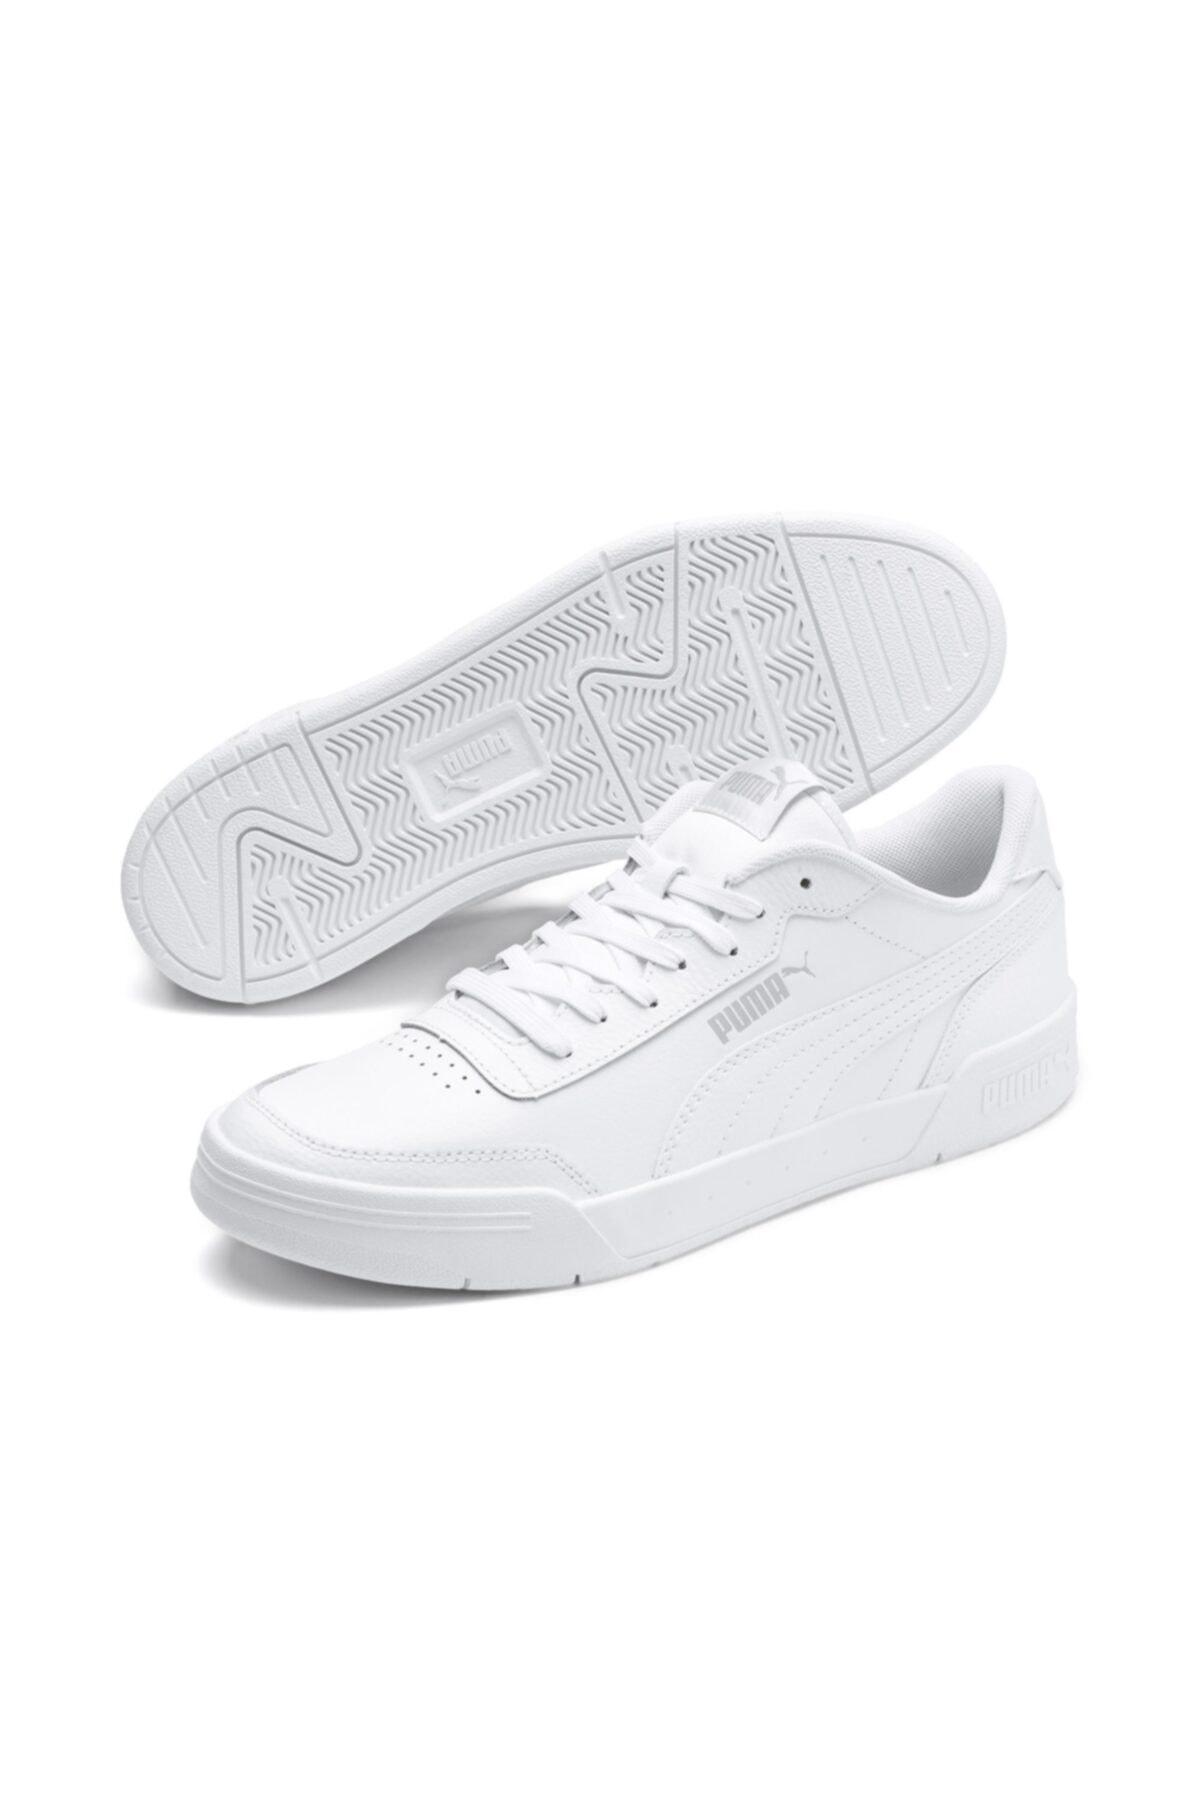 Puma 36986302 Caracal Unisex Günlük Ayakkabı 2